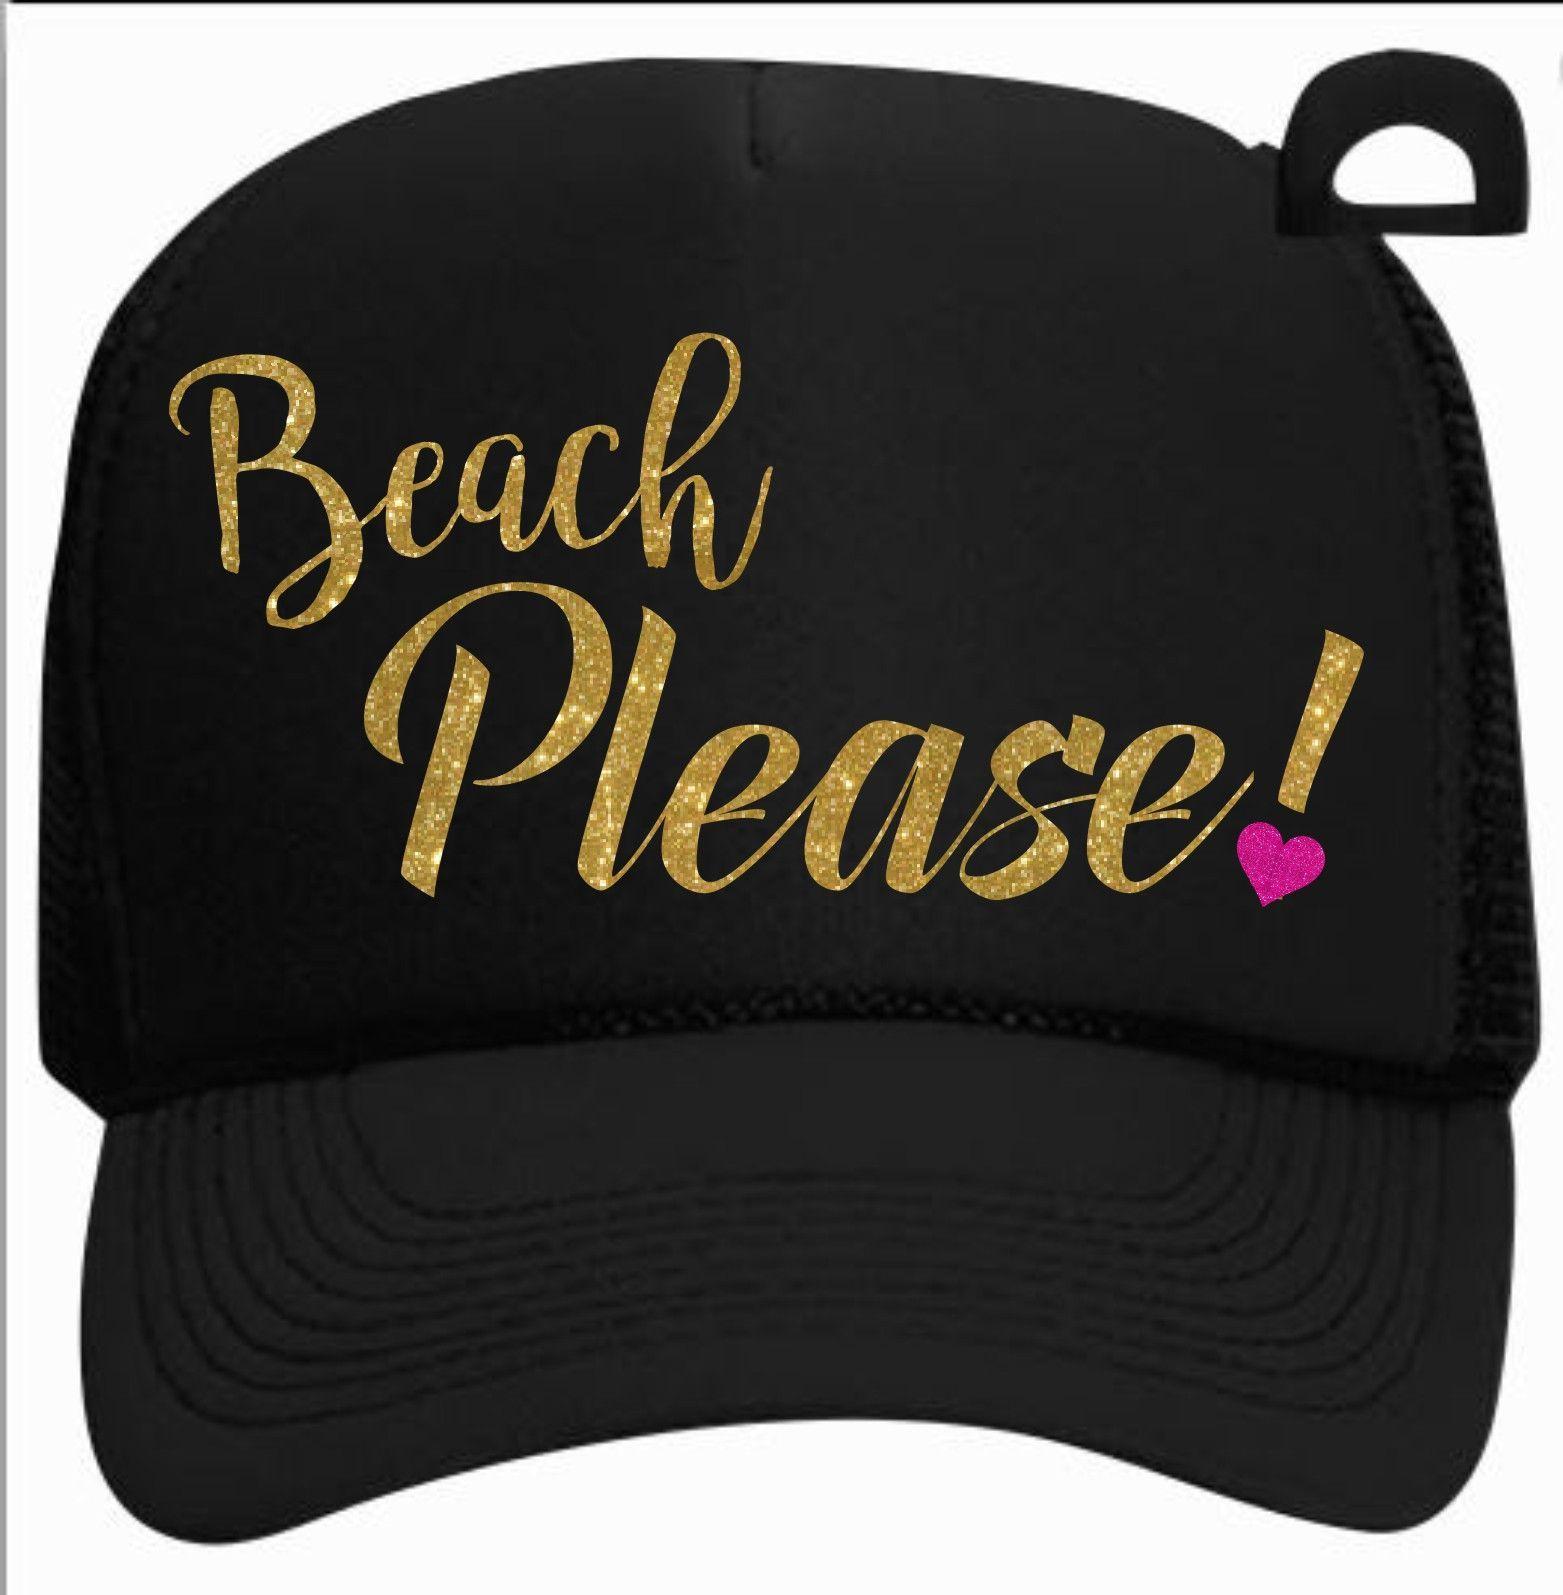 fe7d001dd Beach Please! Trucker Hat   hat projects   Hats, Black trucker hat ...